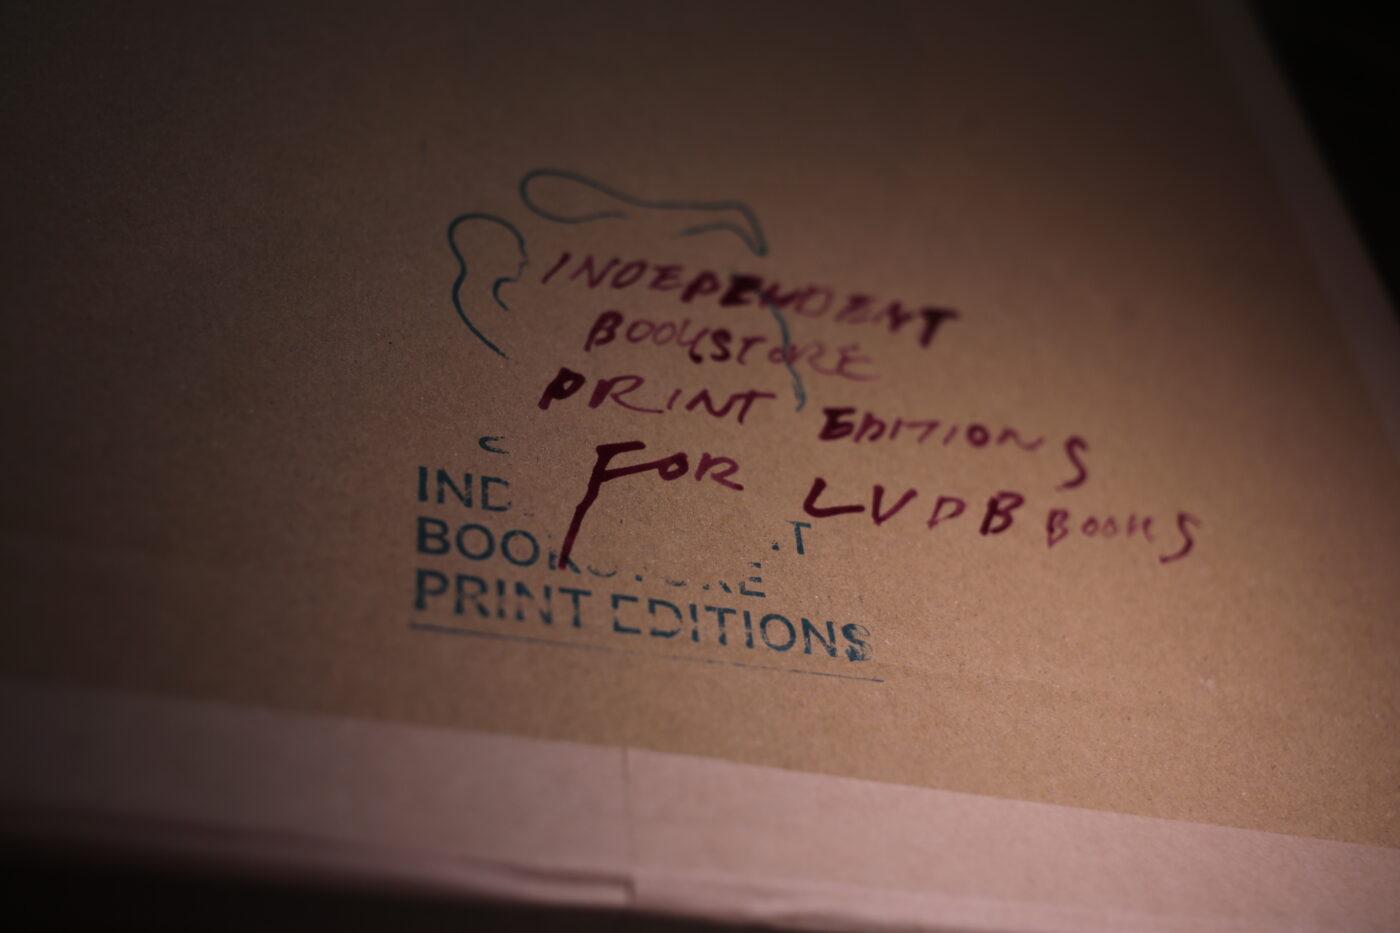 写真家・志賀理江子がインディペンデントブックストアとの共生を掲げるプロジェクト「Independent Bookstore Print Editions」がLVDB BOOKSにて展開中。